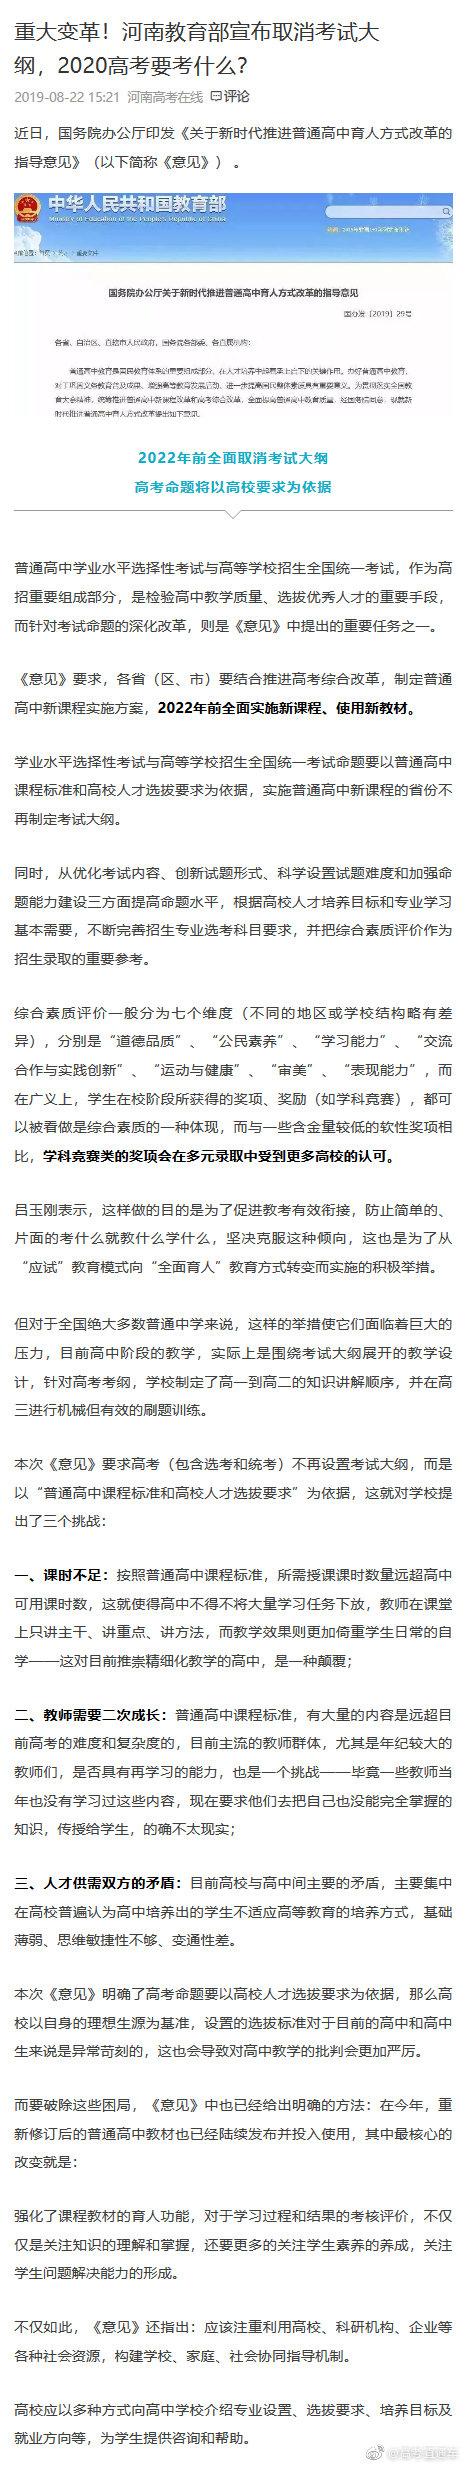 重大变革!河南教育部宣布取消考试大纲,2020高考要考什么?